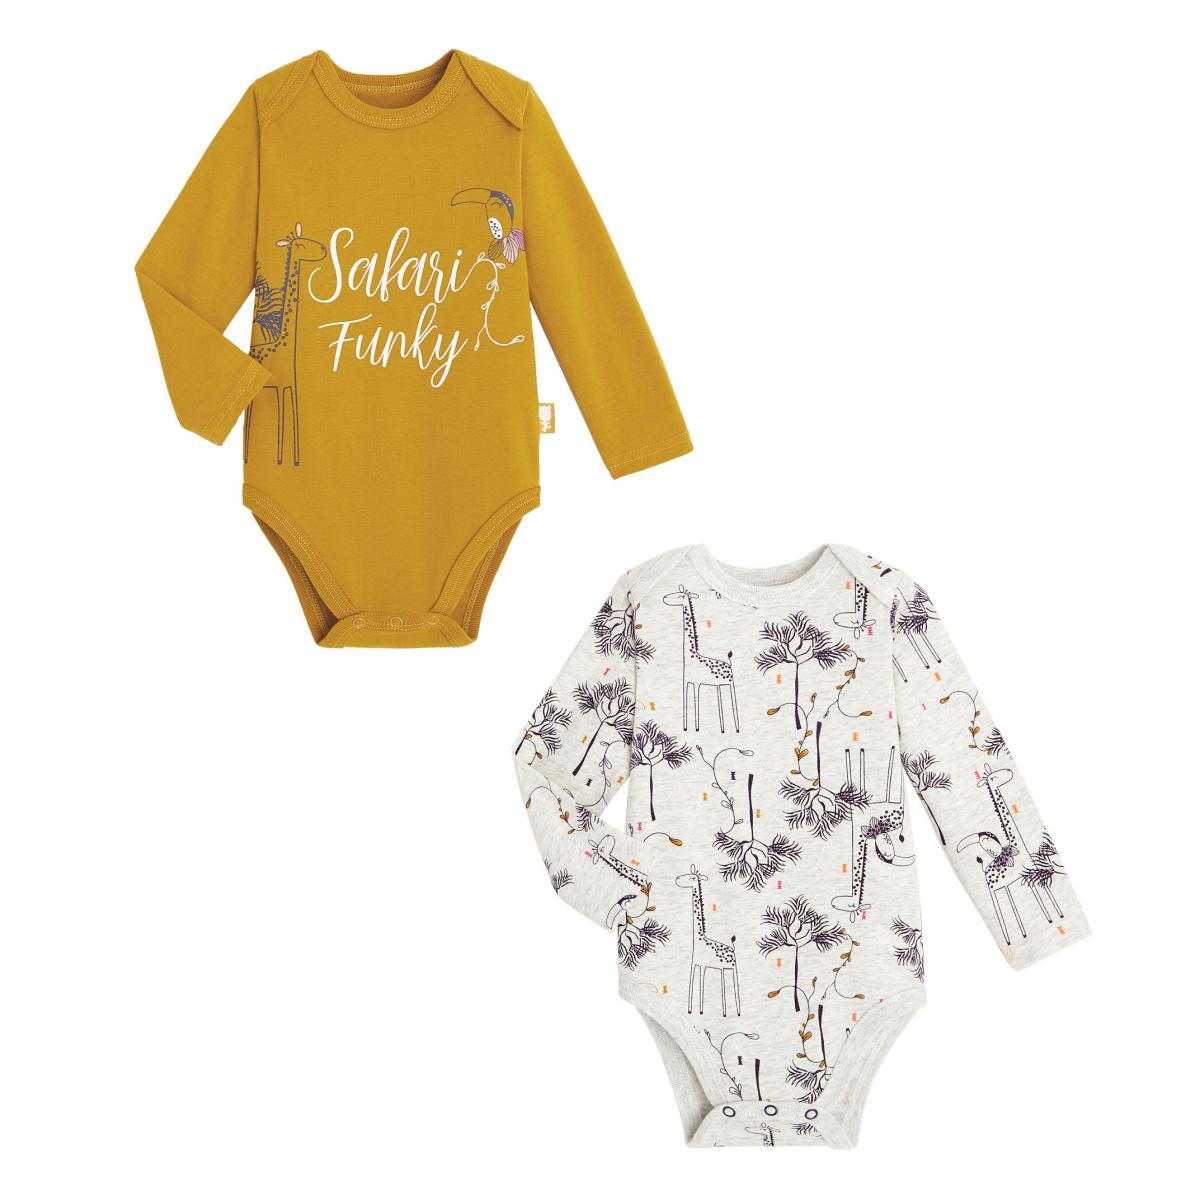 Lot de 2 bodies bébé fille manches longues contenant du coton bio Funky Safari